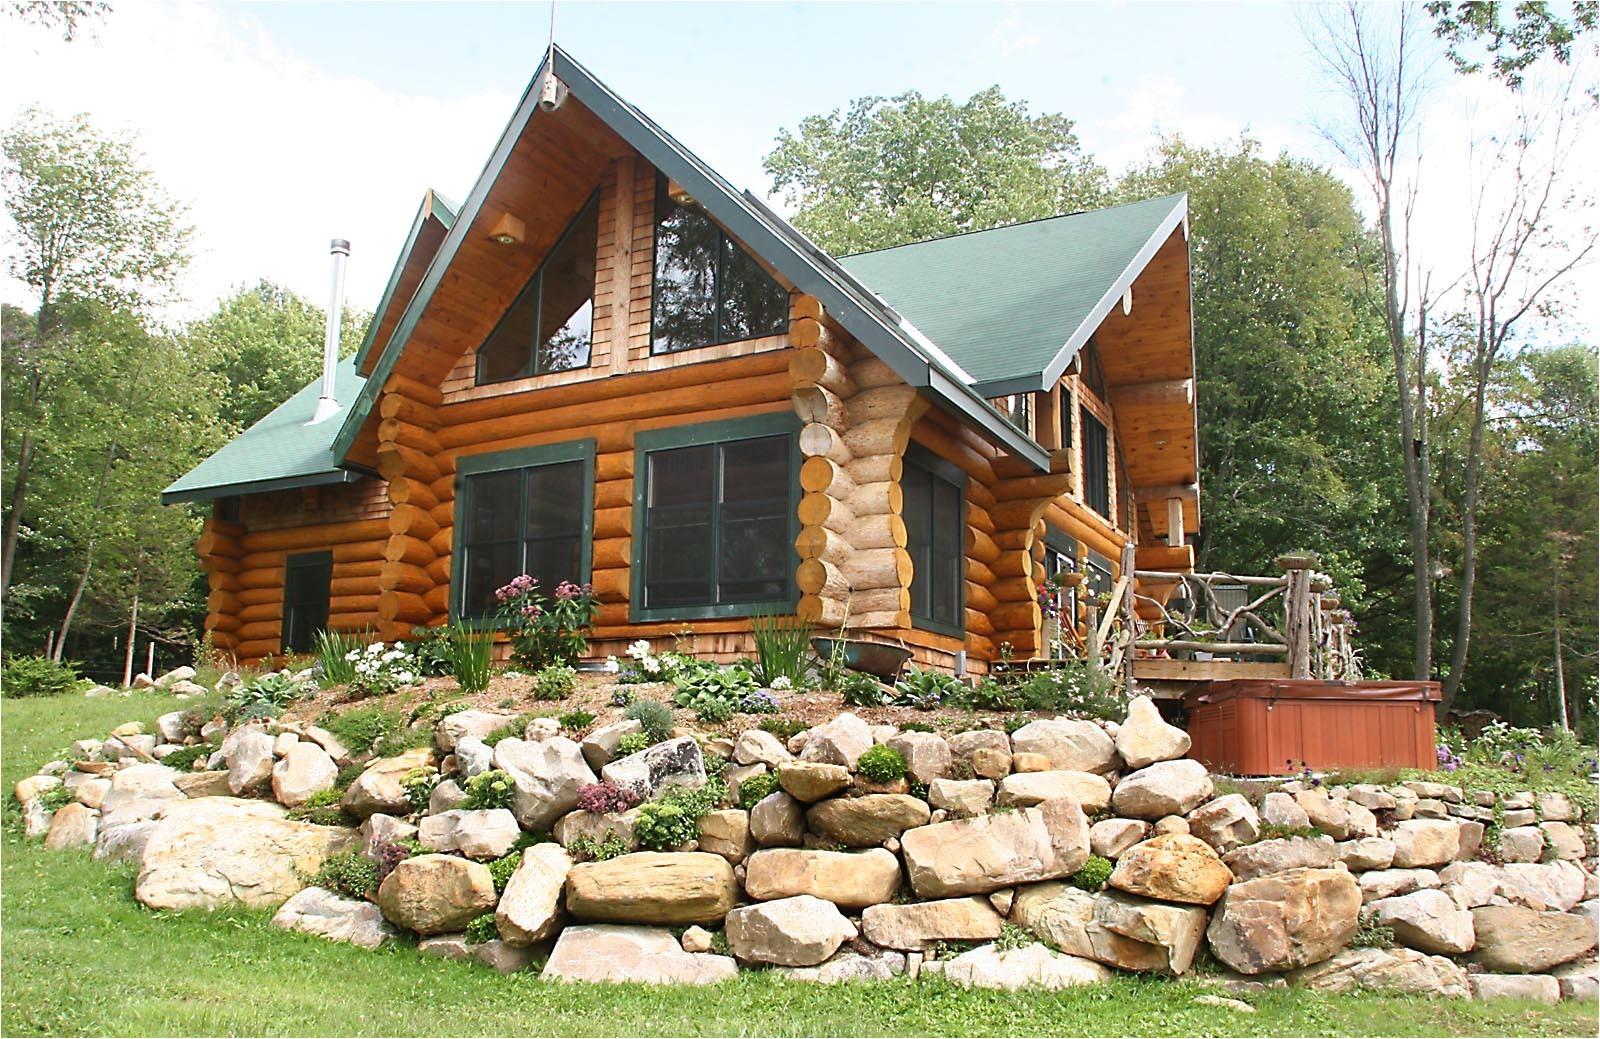 2525 log cabin designs ontario